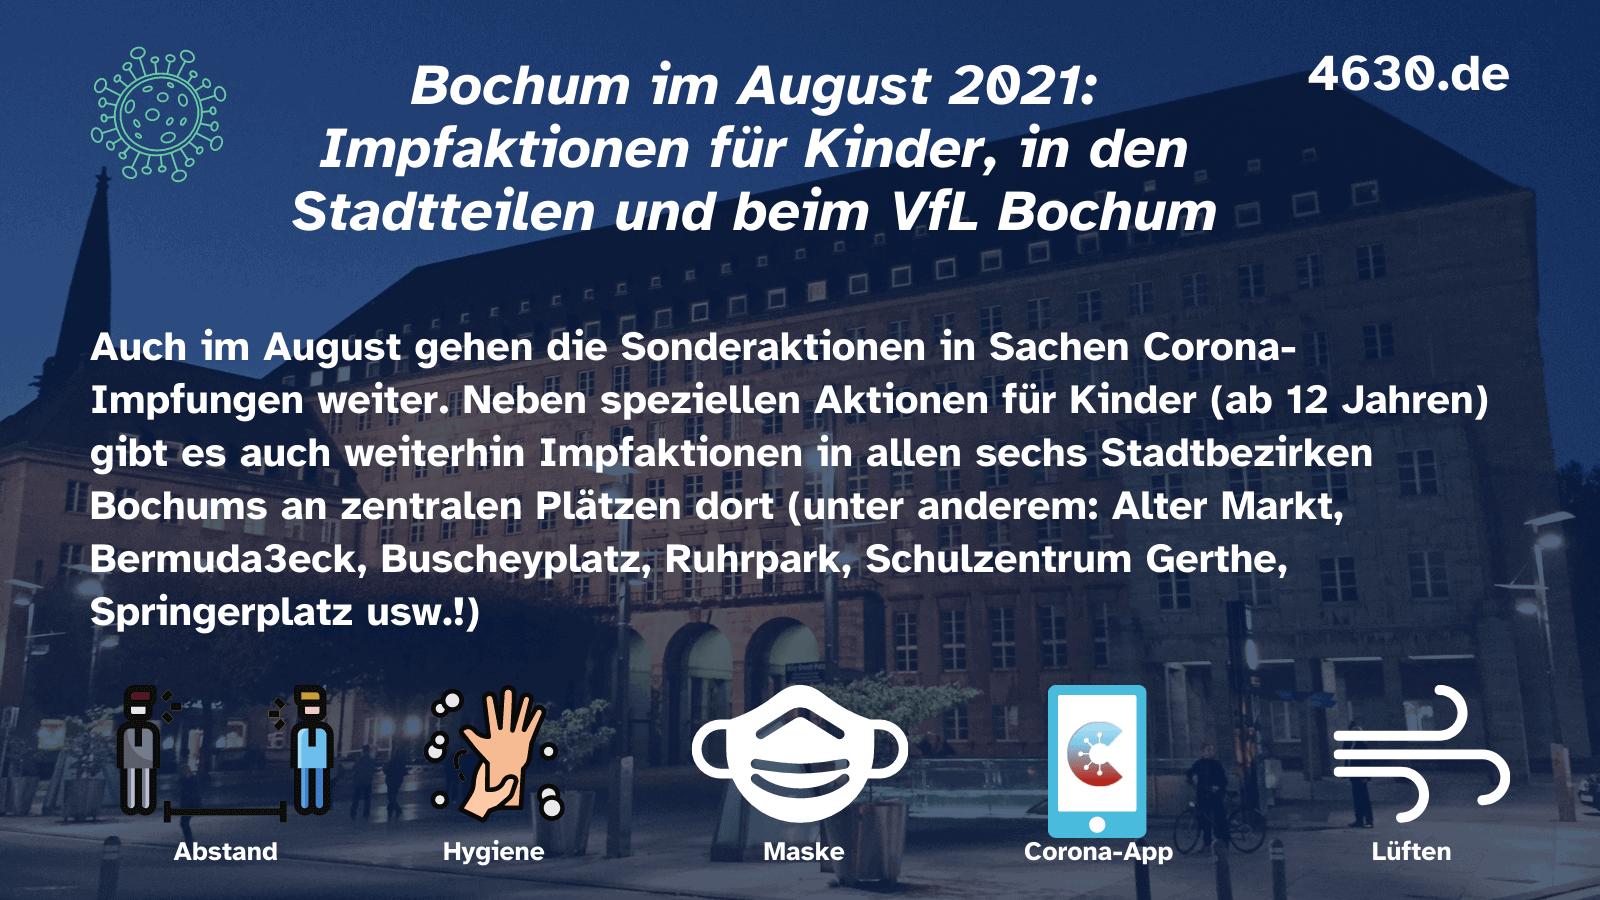 Impfaktionen in Bochum (im August 2021)